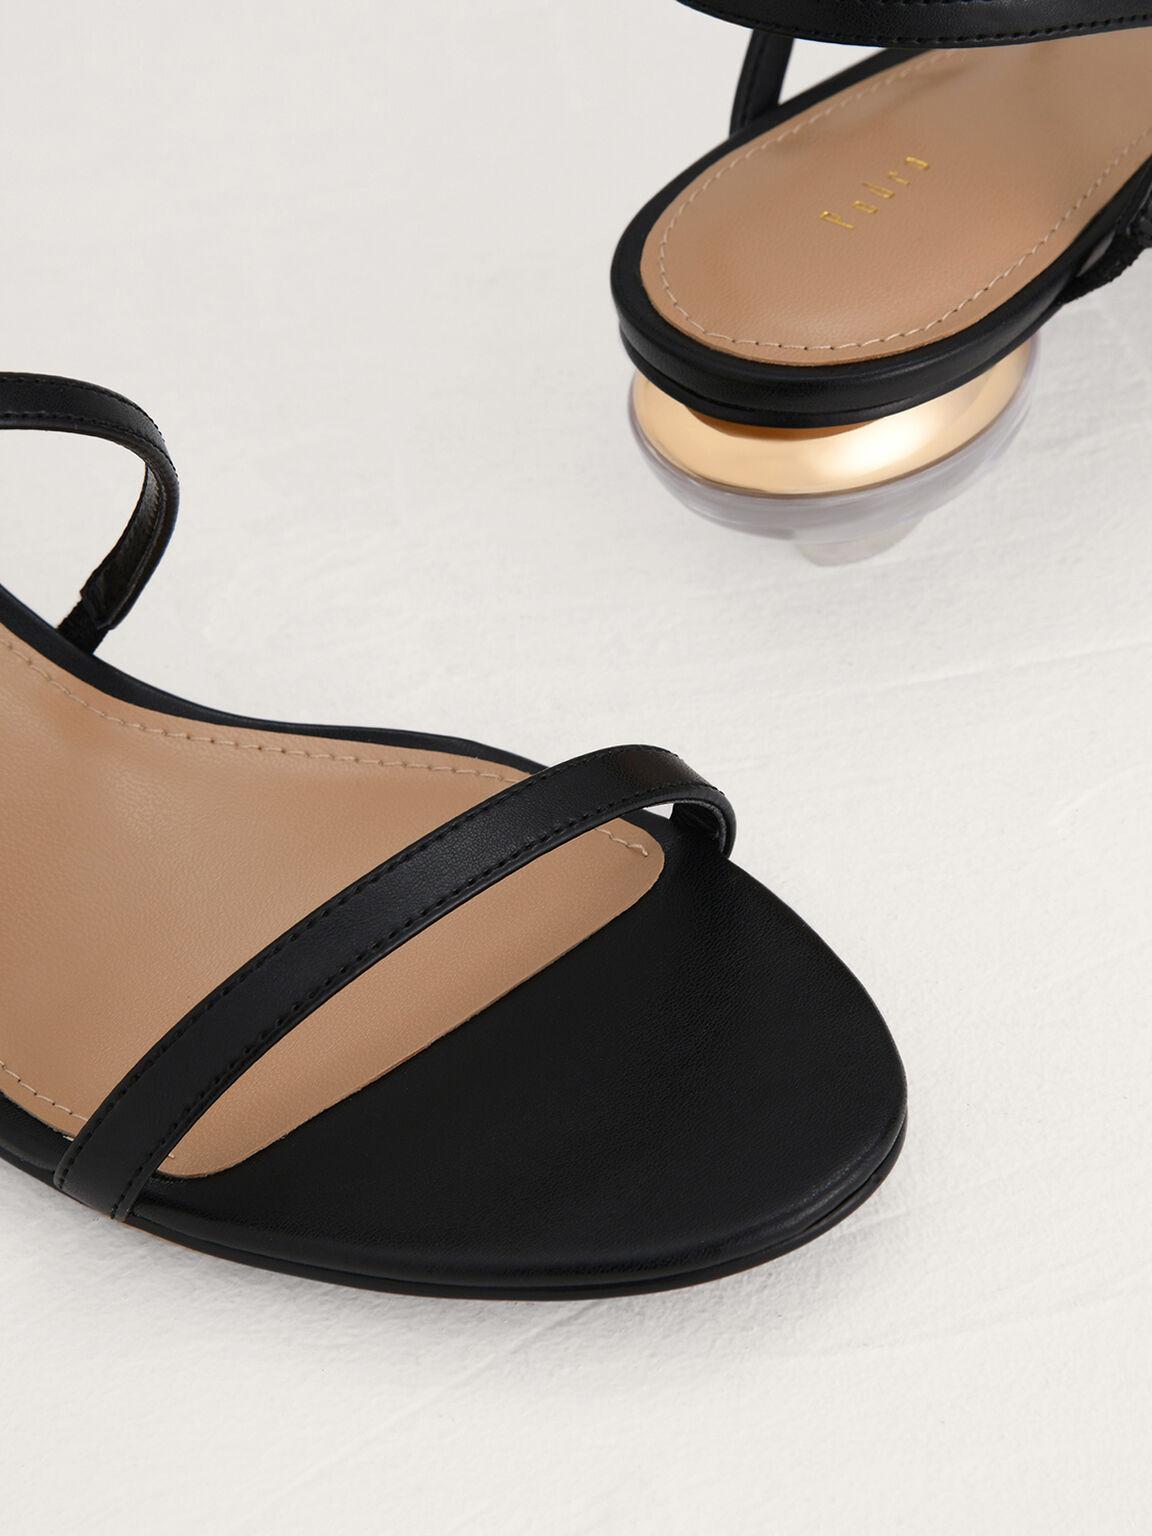 Strappy Heeled Slingback Sandals, Black, hi-res